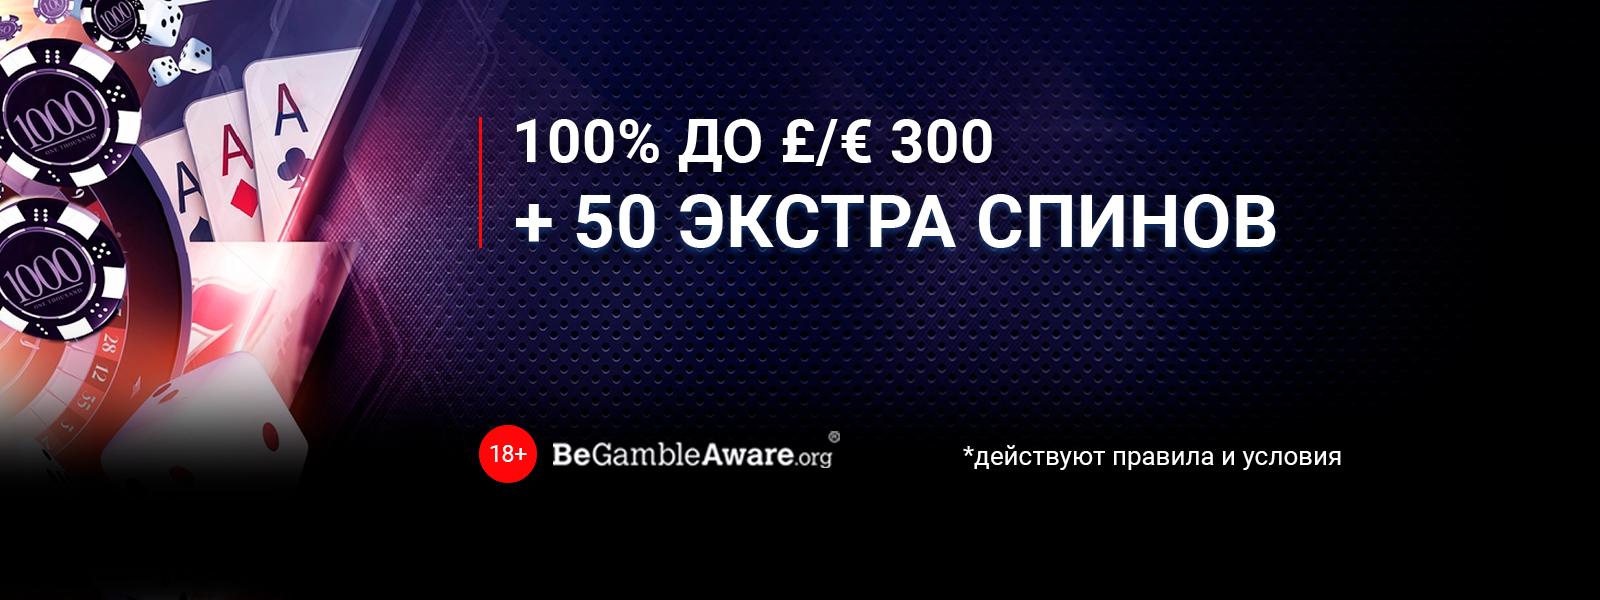 Wide big 1600 x 600 casino  ru